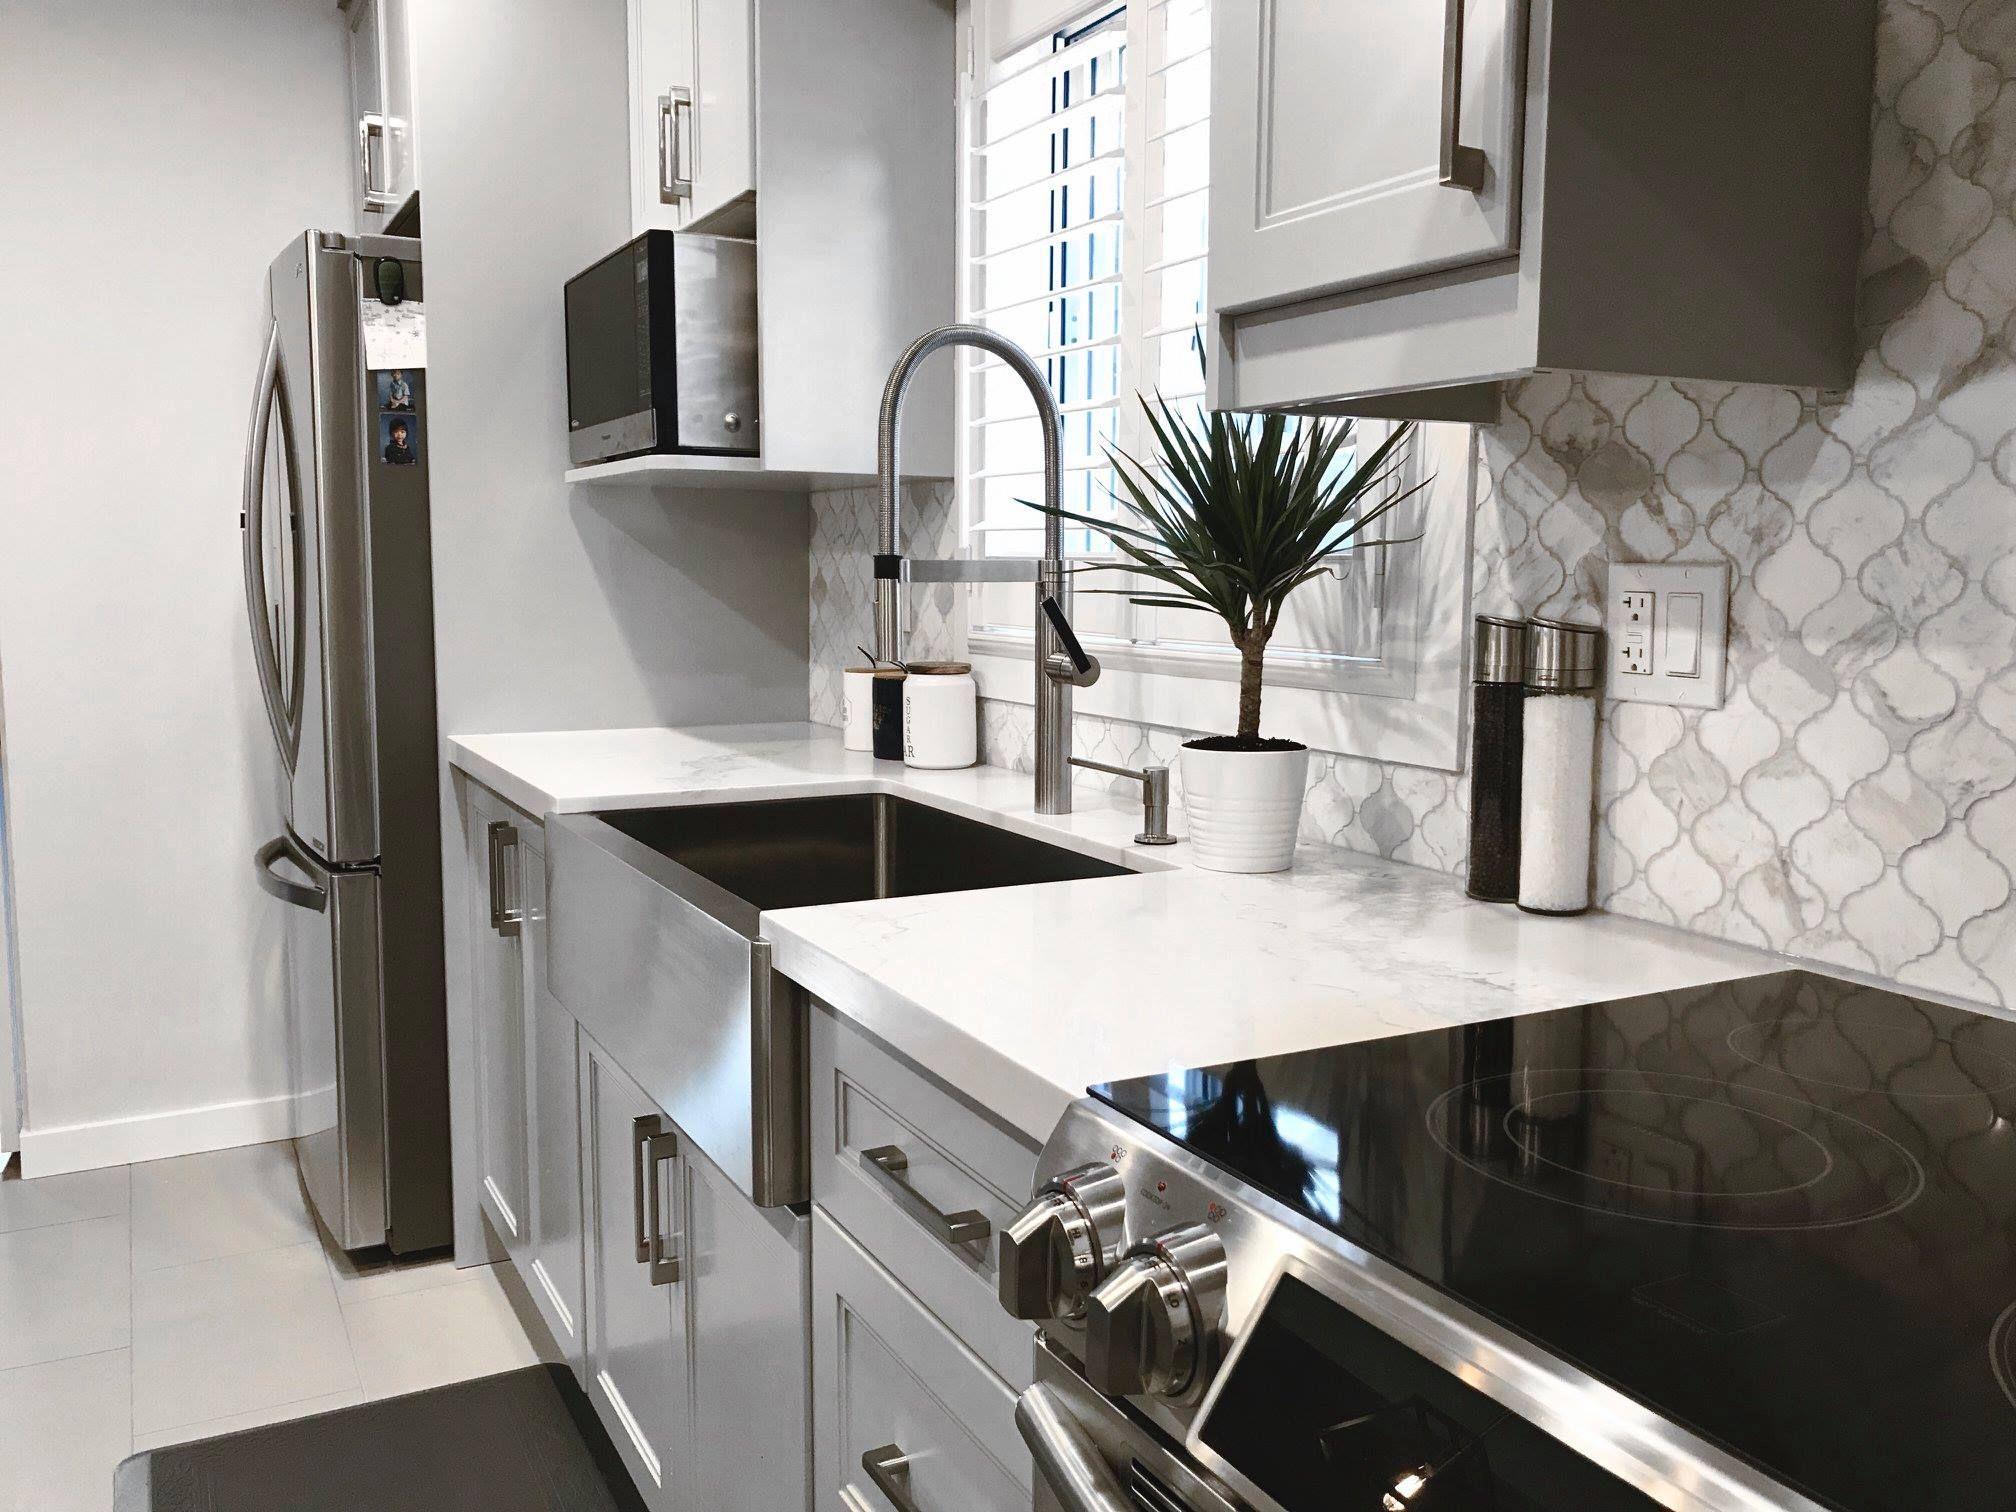 ikea induktionskochfeld pfeift t pfe f r induktionskochfeld induktionskochfeld von bosch k chen. Black Bedroom Furniture Sets. Home Design Ideas